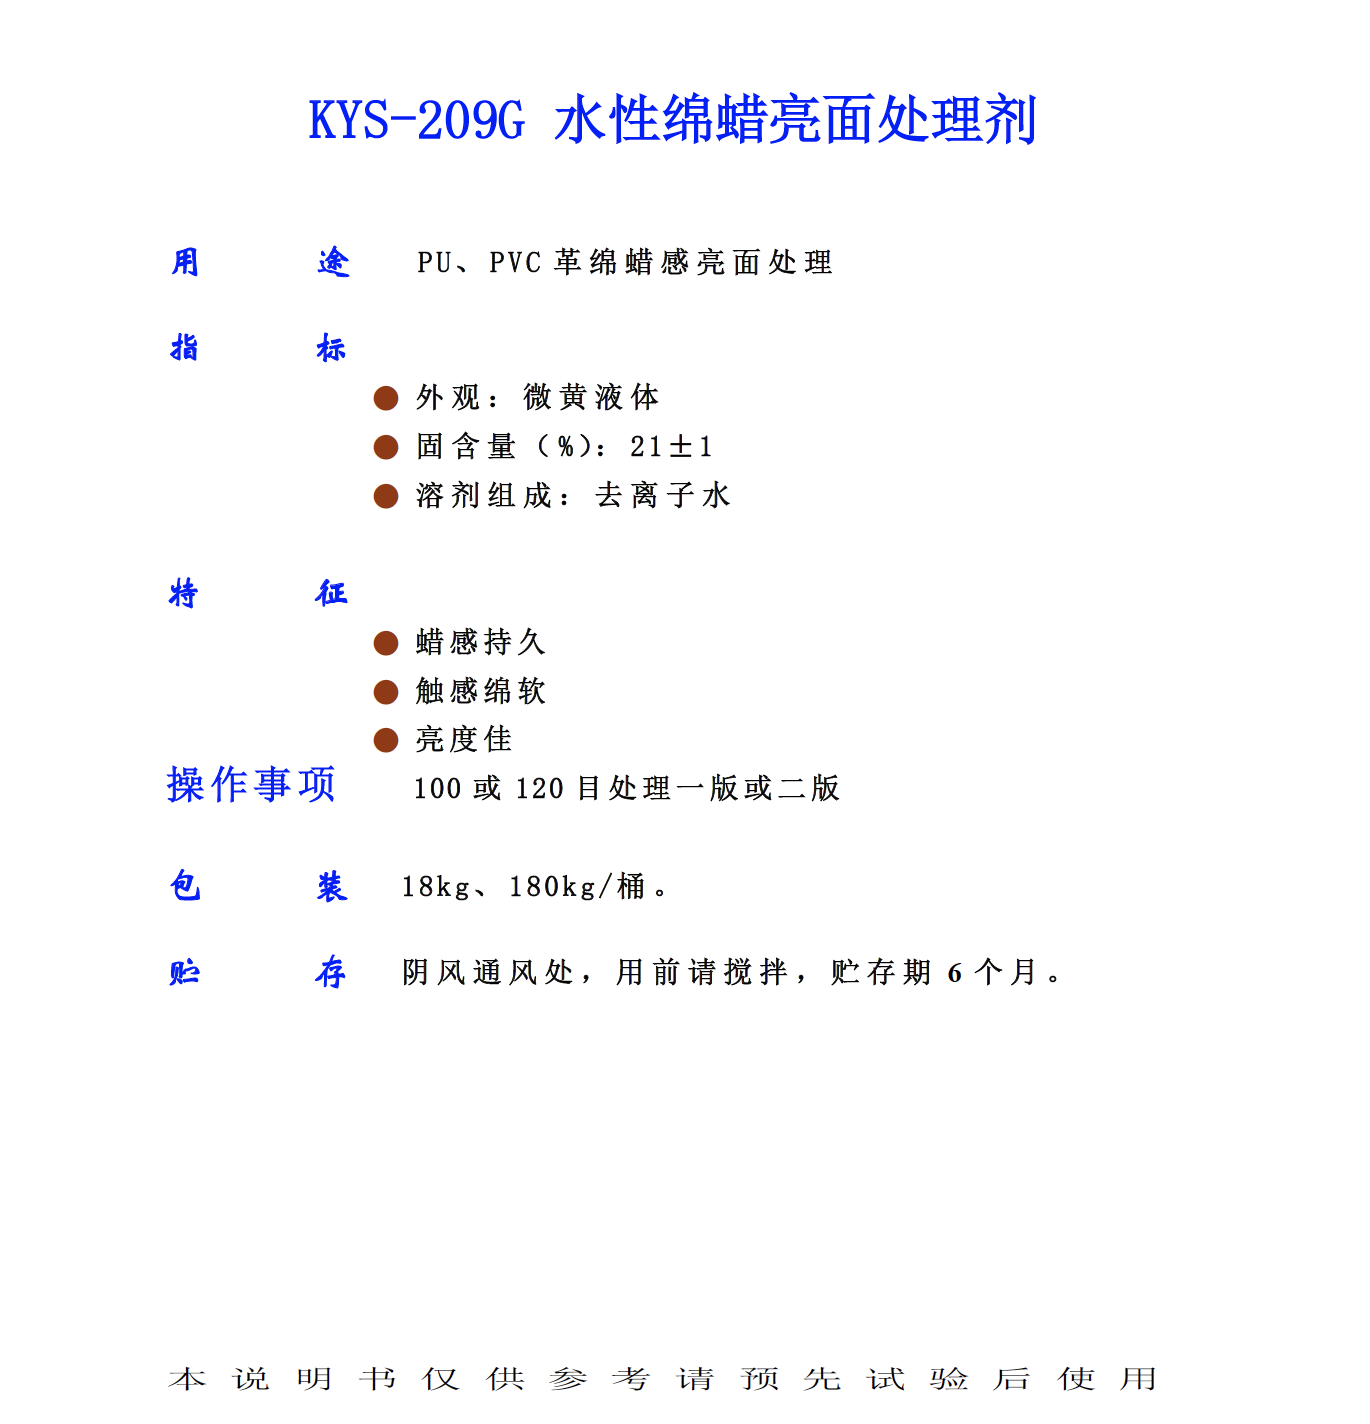 KYS 209G 水性绵蜡亮面处理剂